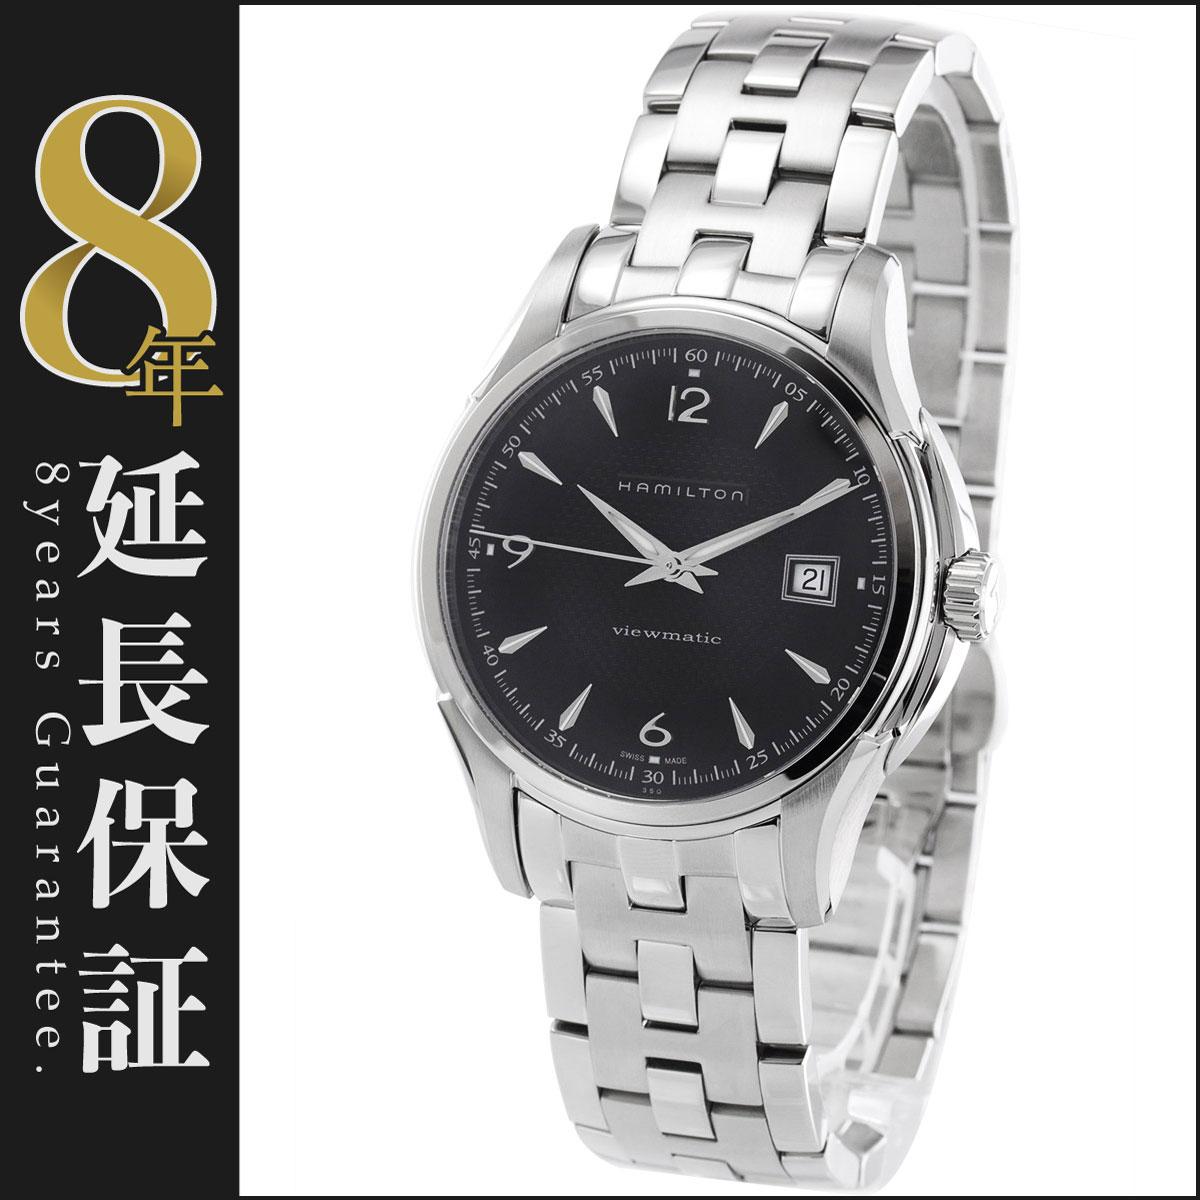 ハミルトン HAMILTON 腕時計 ジャズマスター ビューマチック メンズ H32515135_8